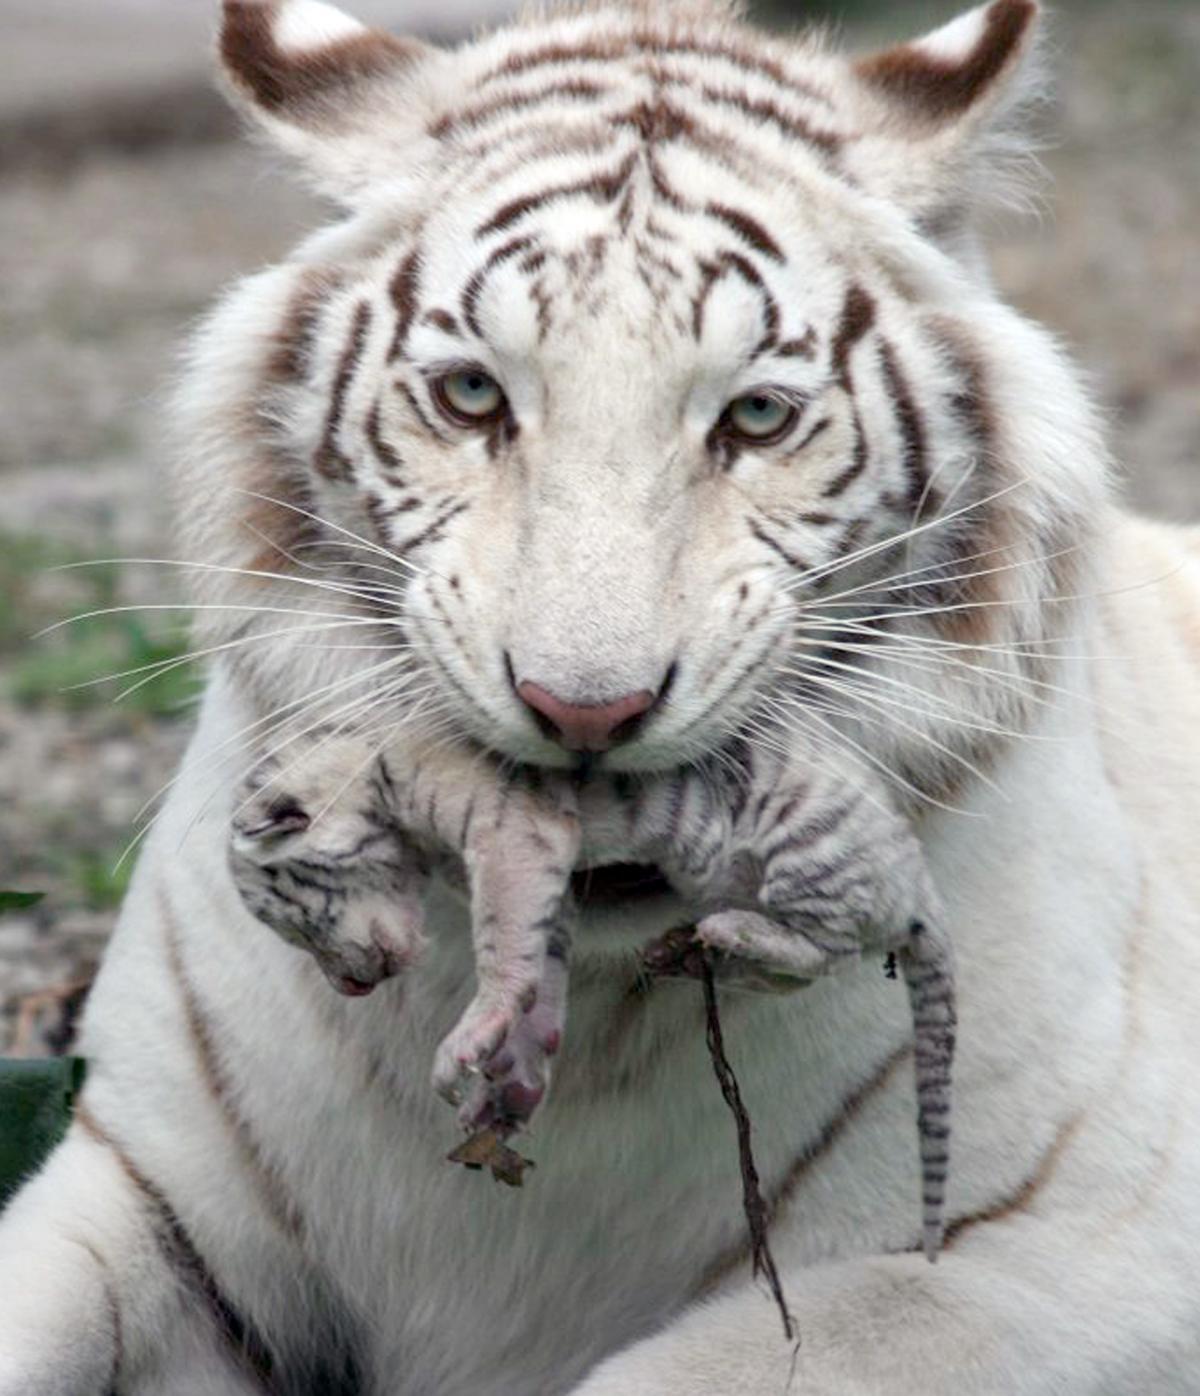 72+ Baby White Tiger Wallpaper on WallpaperSafari